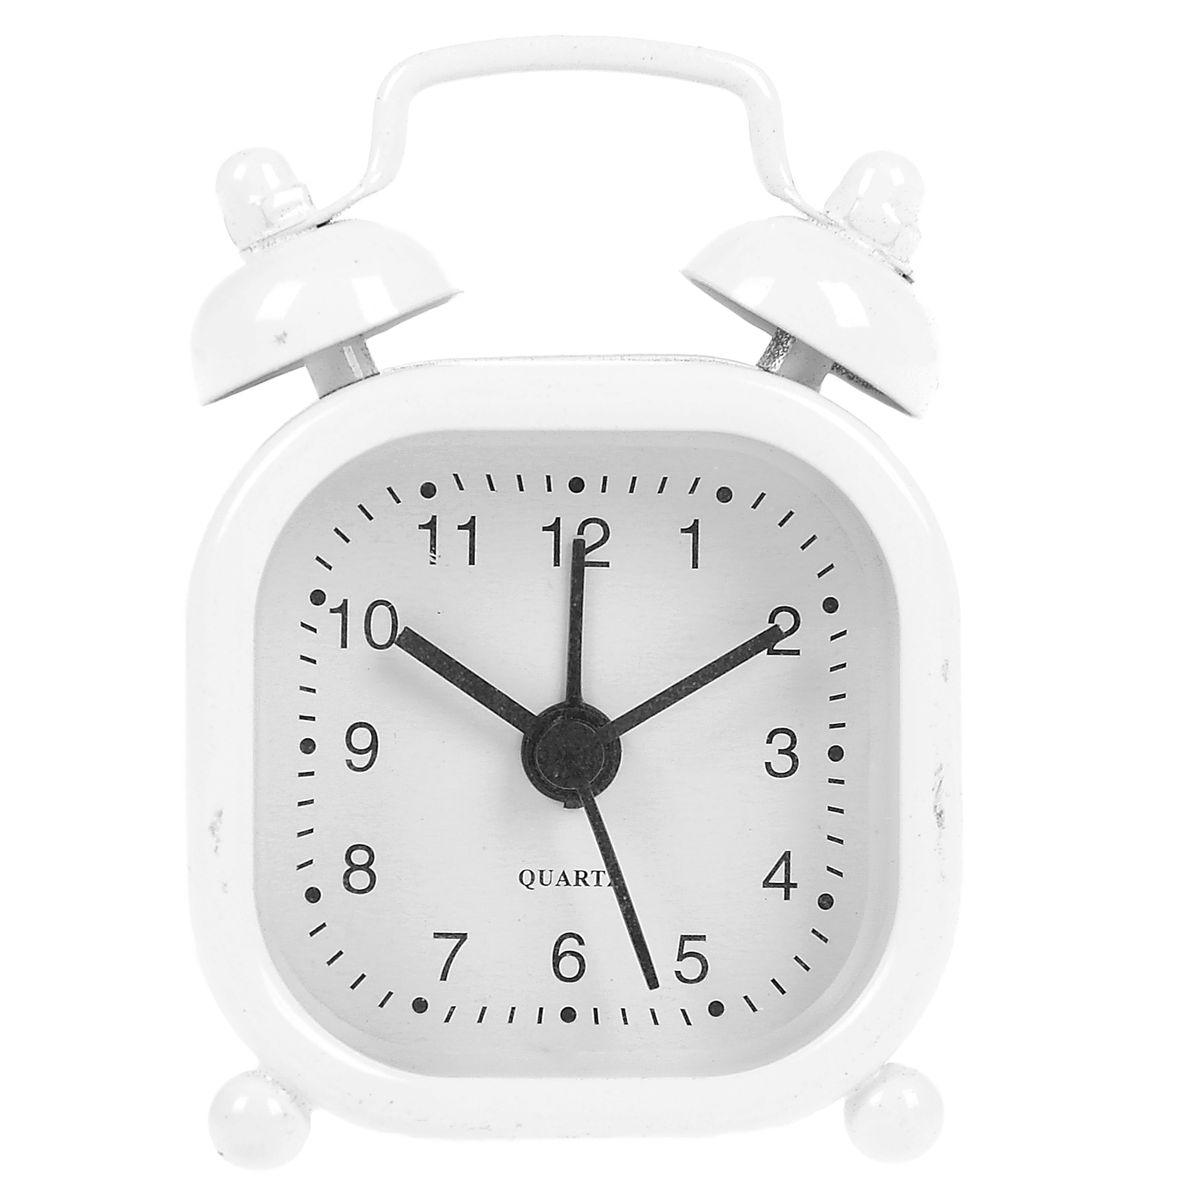 Часы-будильник Sima-land, цвет: белый. 840949840949Как же сложно иногда вставать вовремя! Всегда так хочется поспать еще хотя бы 5 минут и бывает, что мы просыпаем. Теперь этого не случится! Яркий, оригинальный будильник Sima-land поможет вам всегда вставать в нужное время и успевать везде и всюду. Будильник украсит вашу комнату и приведет в восхищение друзей. Эта уменьшенная версия привычного будильника умещается на ладони и работает так же громко, как и привычные аналоги. Время показывает точно и будит в установленный час. На задней панели будильника расположены переключатель включения/выключения механизма, а также два колесика для настройки текущего времени и времени звонка будильника. Будильник работает от 1 батарейки типа LR44 (входит в комплект).